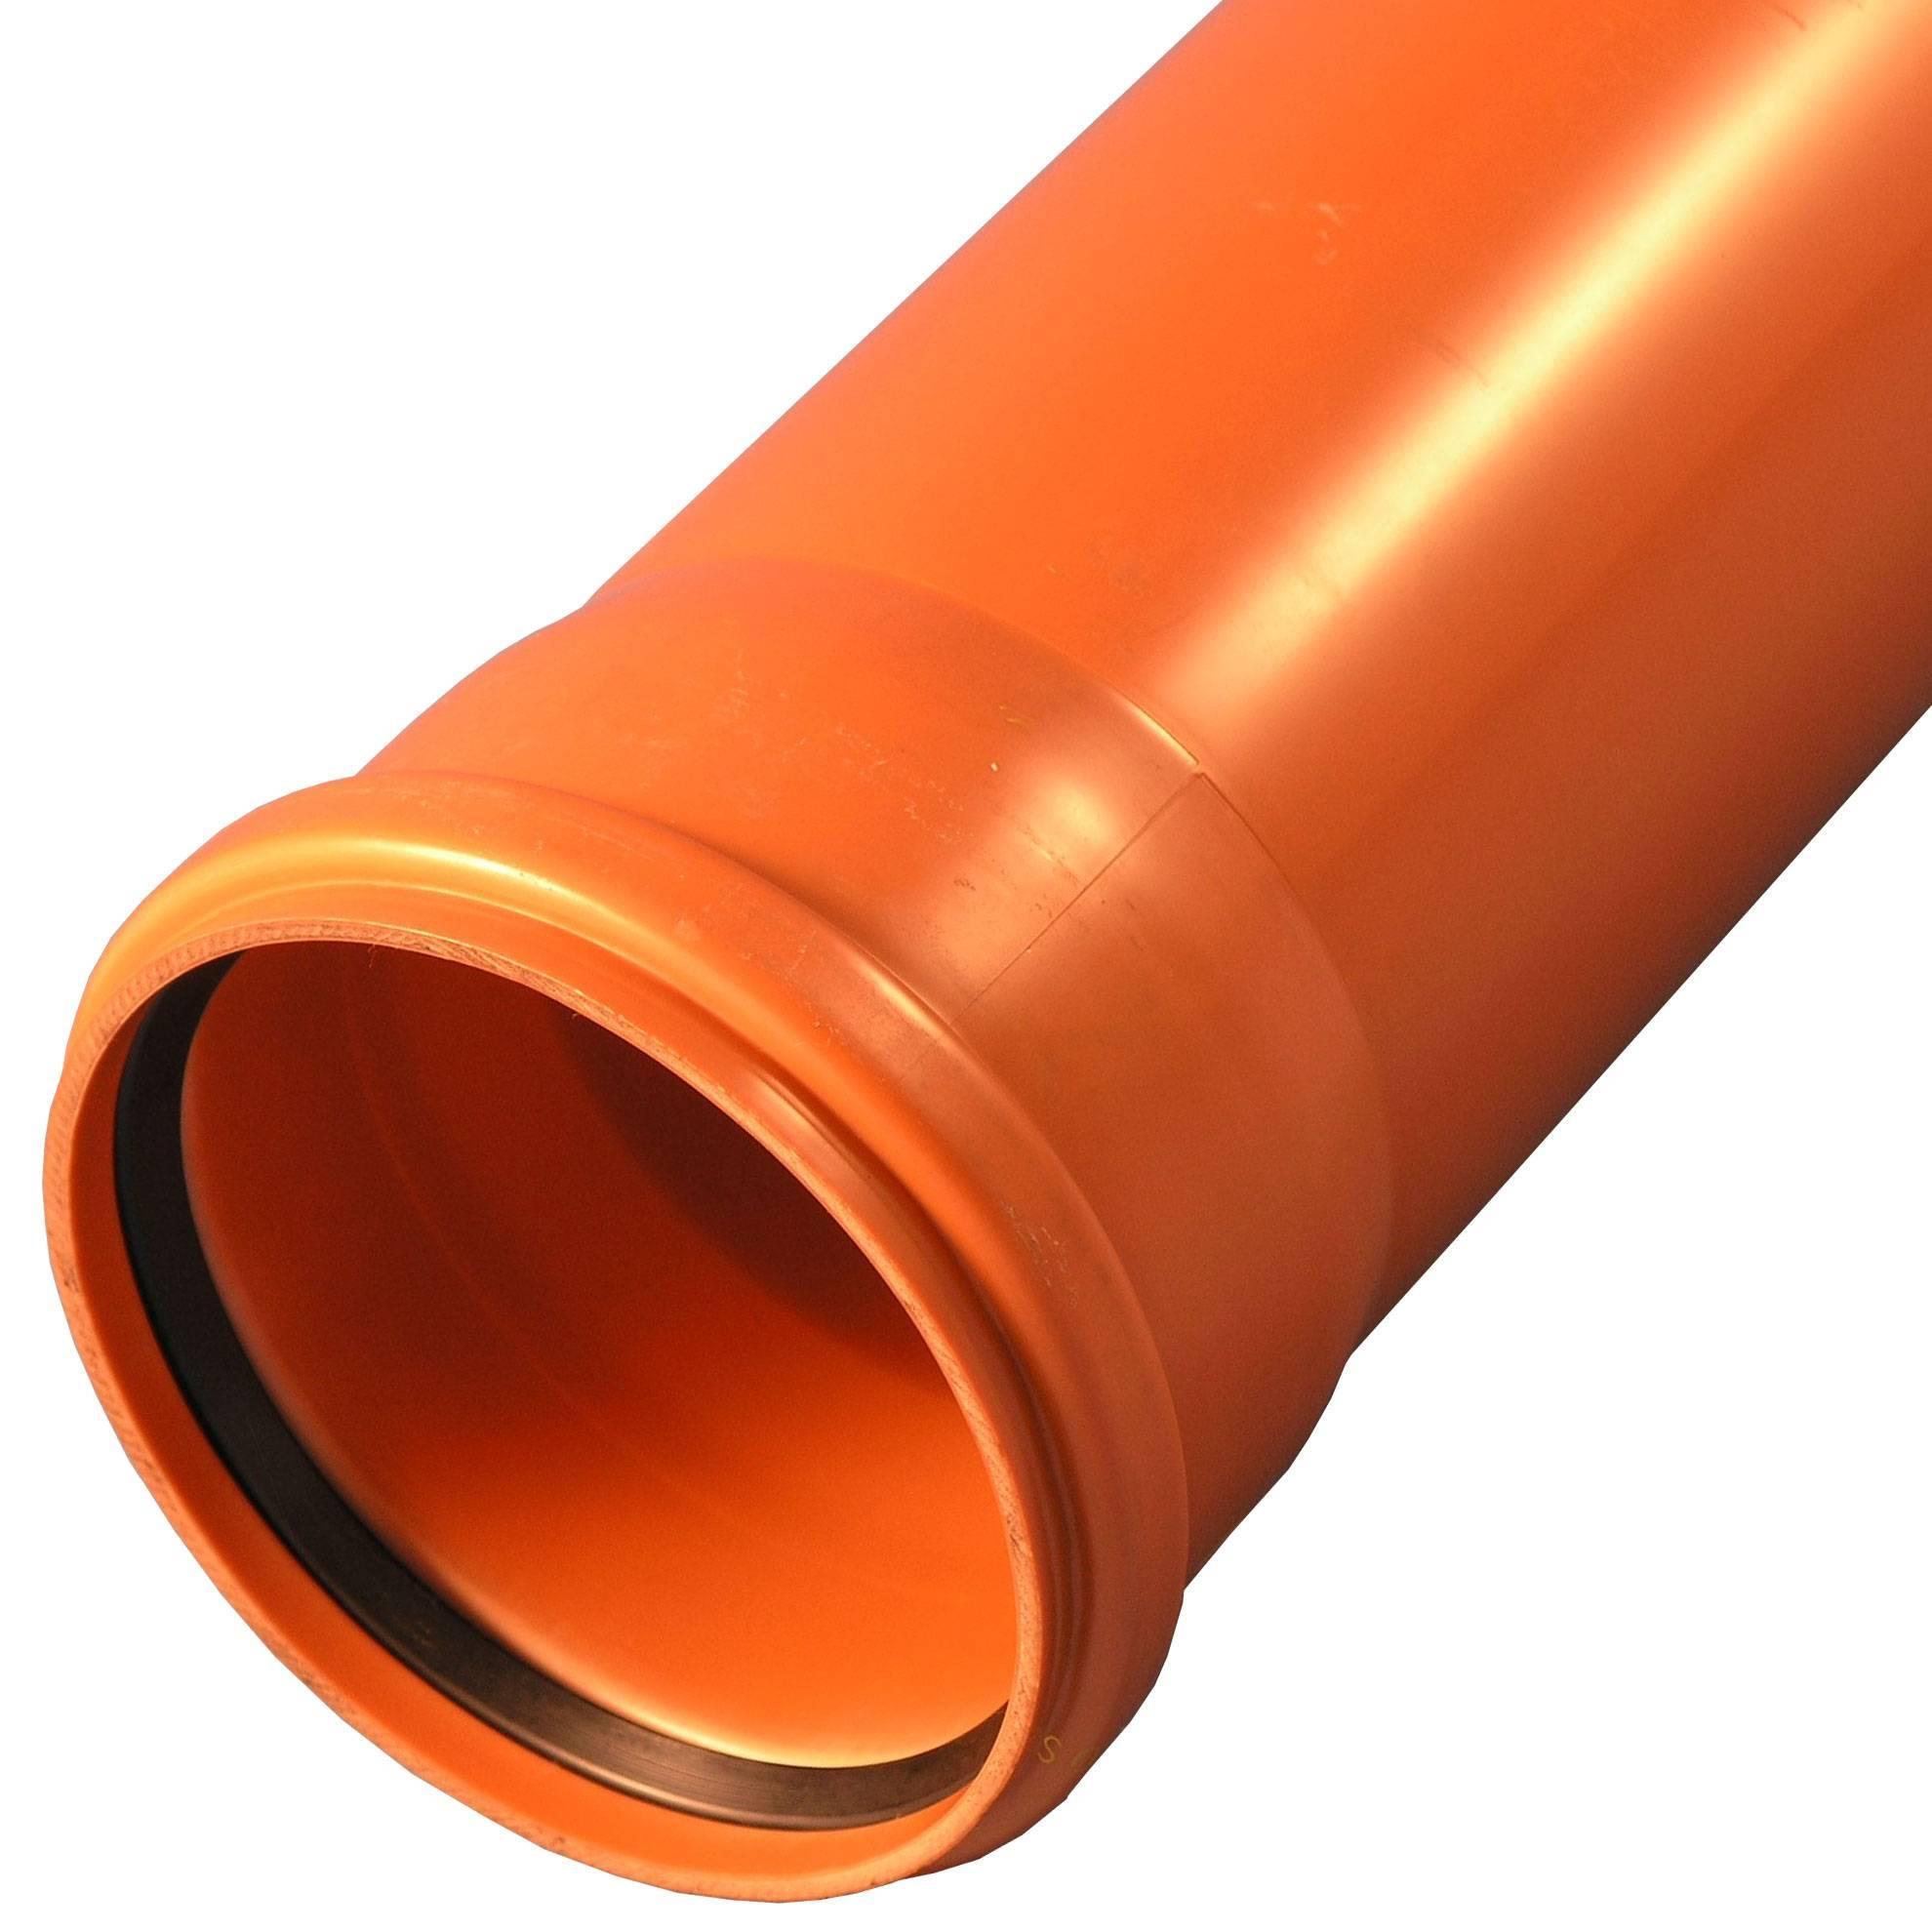 Трубы пвх для канализации: их размеры и цены канализационные трубы пвх — про канализацию